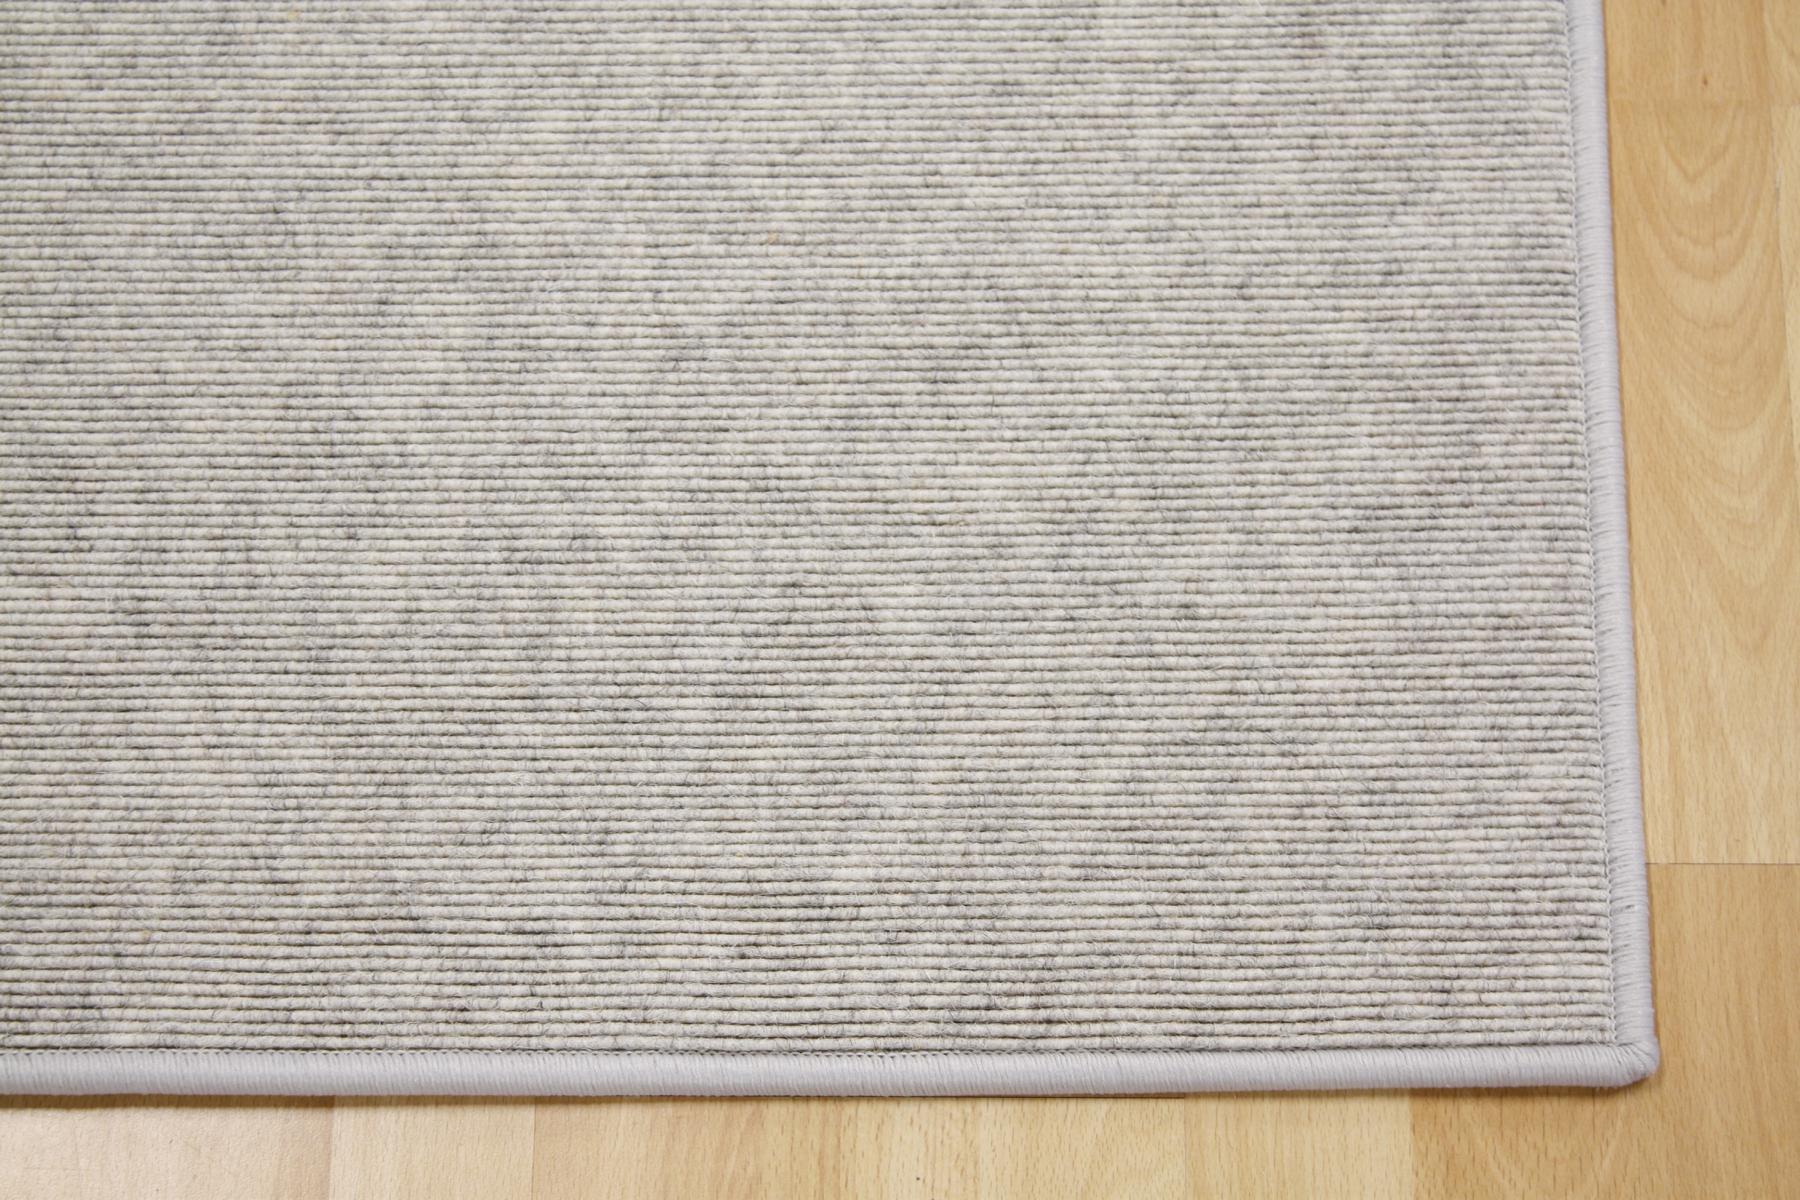 teppich tretford 515 umkettelt 150 x 200 cm ziegenhaar interland ebay. Black Bedroom Furniture Sets. Home Design Ideas